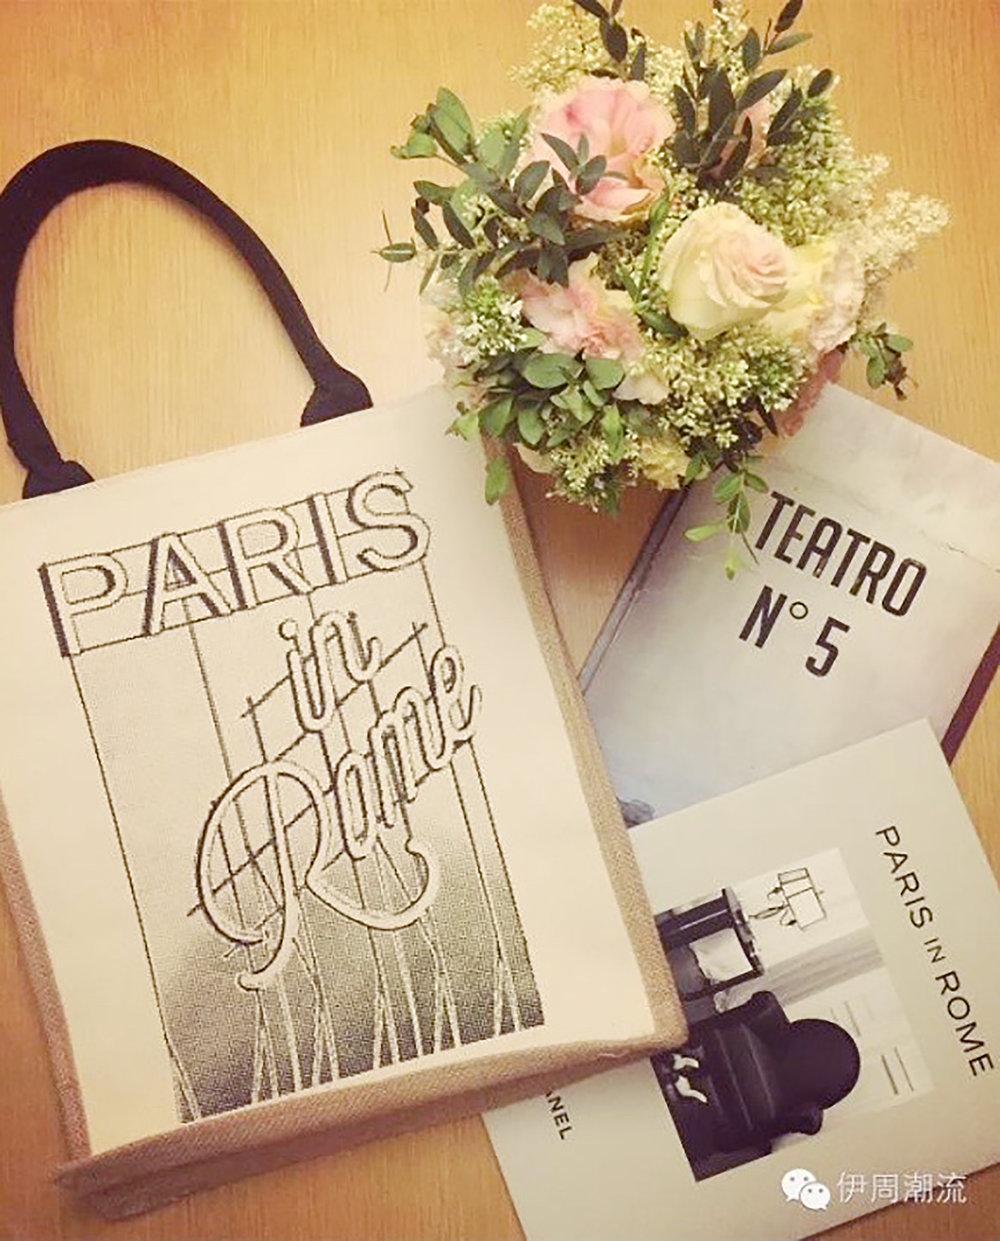 ParisRome.jpg